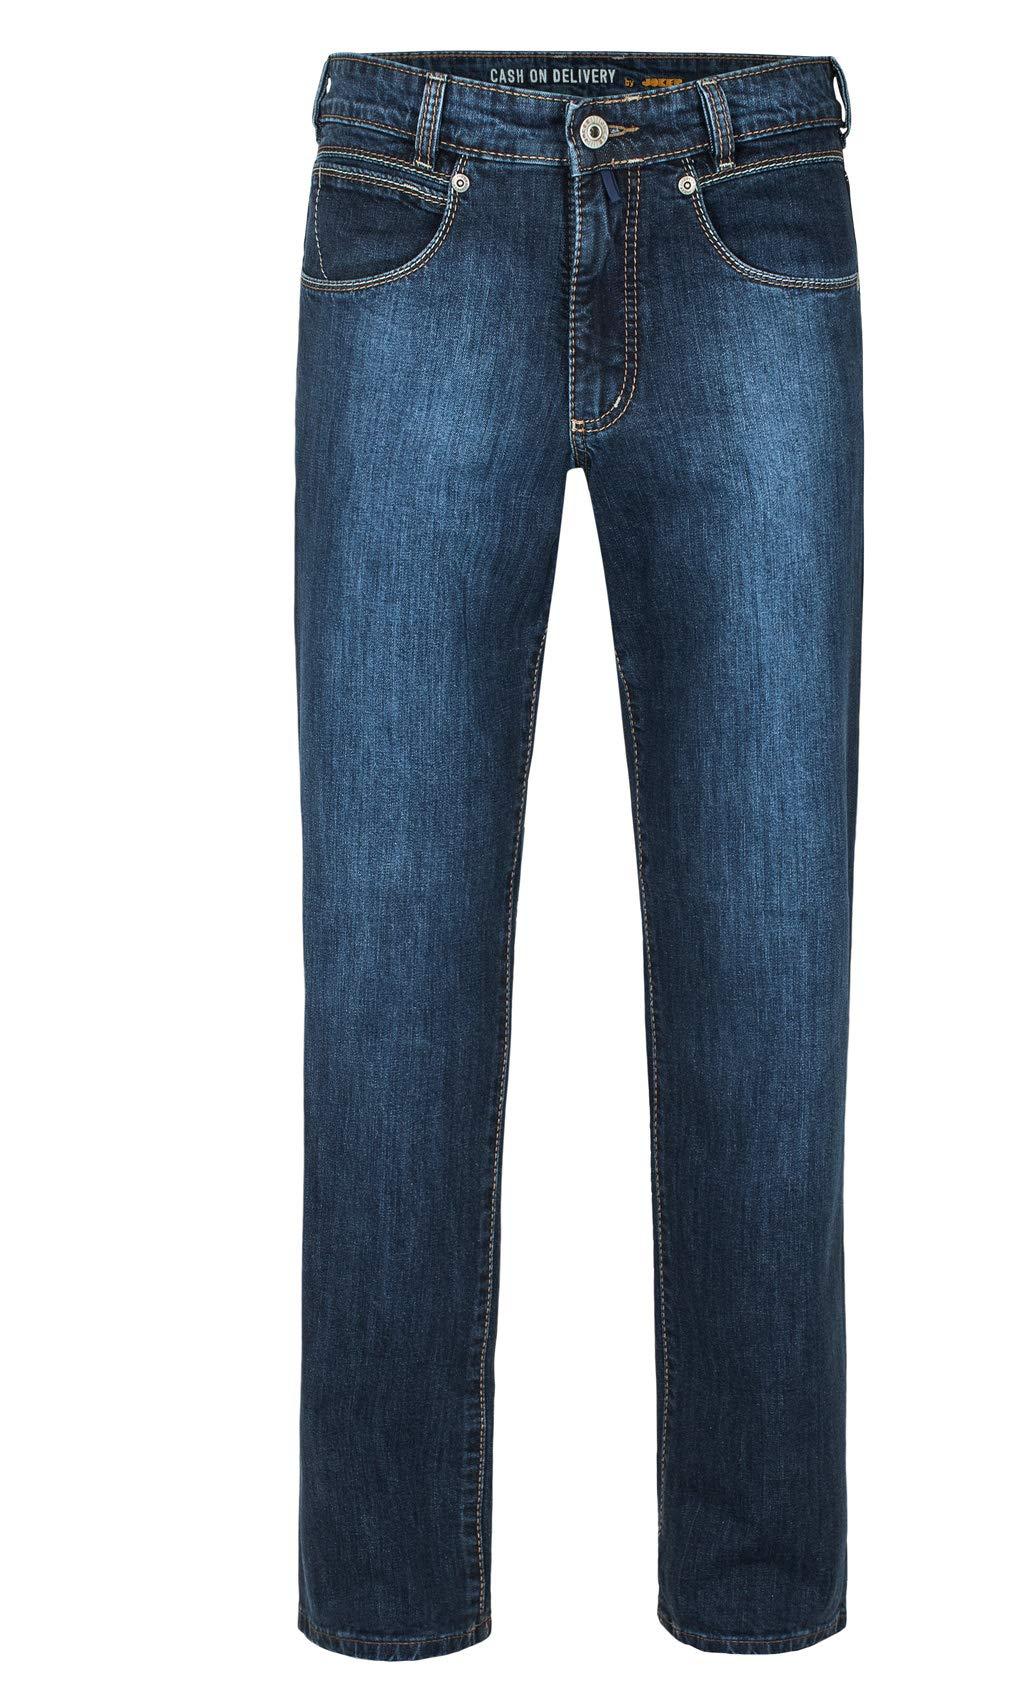 Joker Jeans Freddy 2442/0259 Dark Blue Used